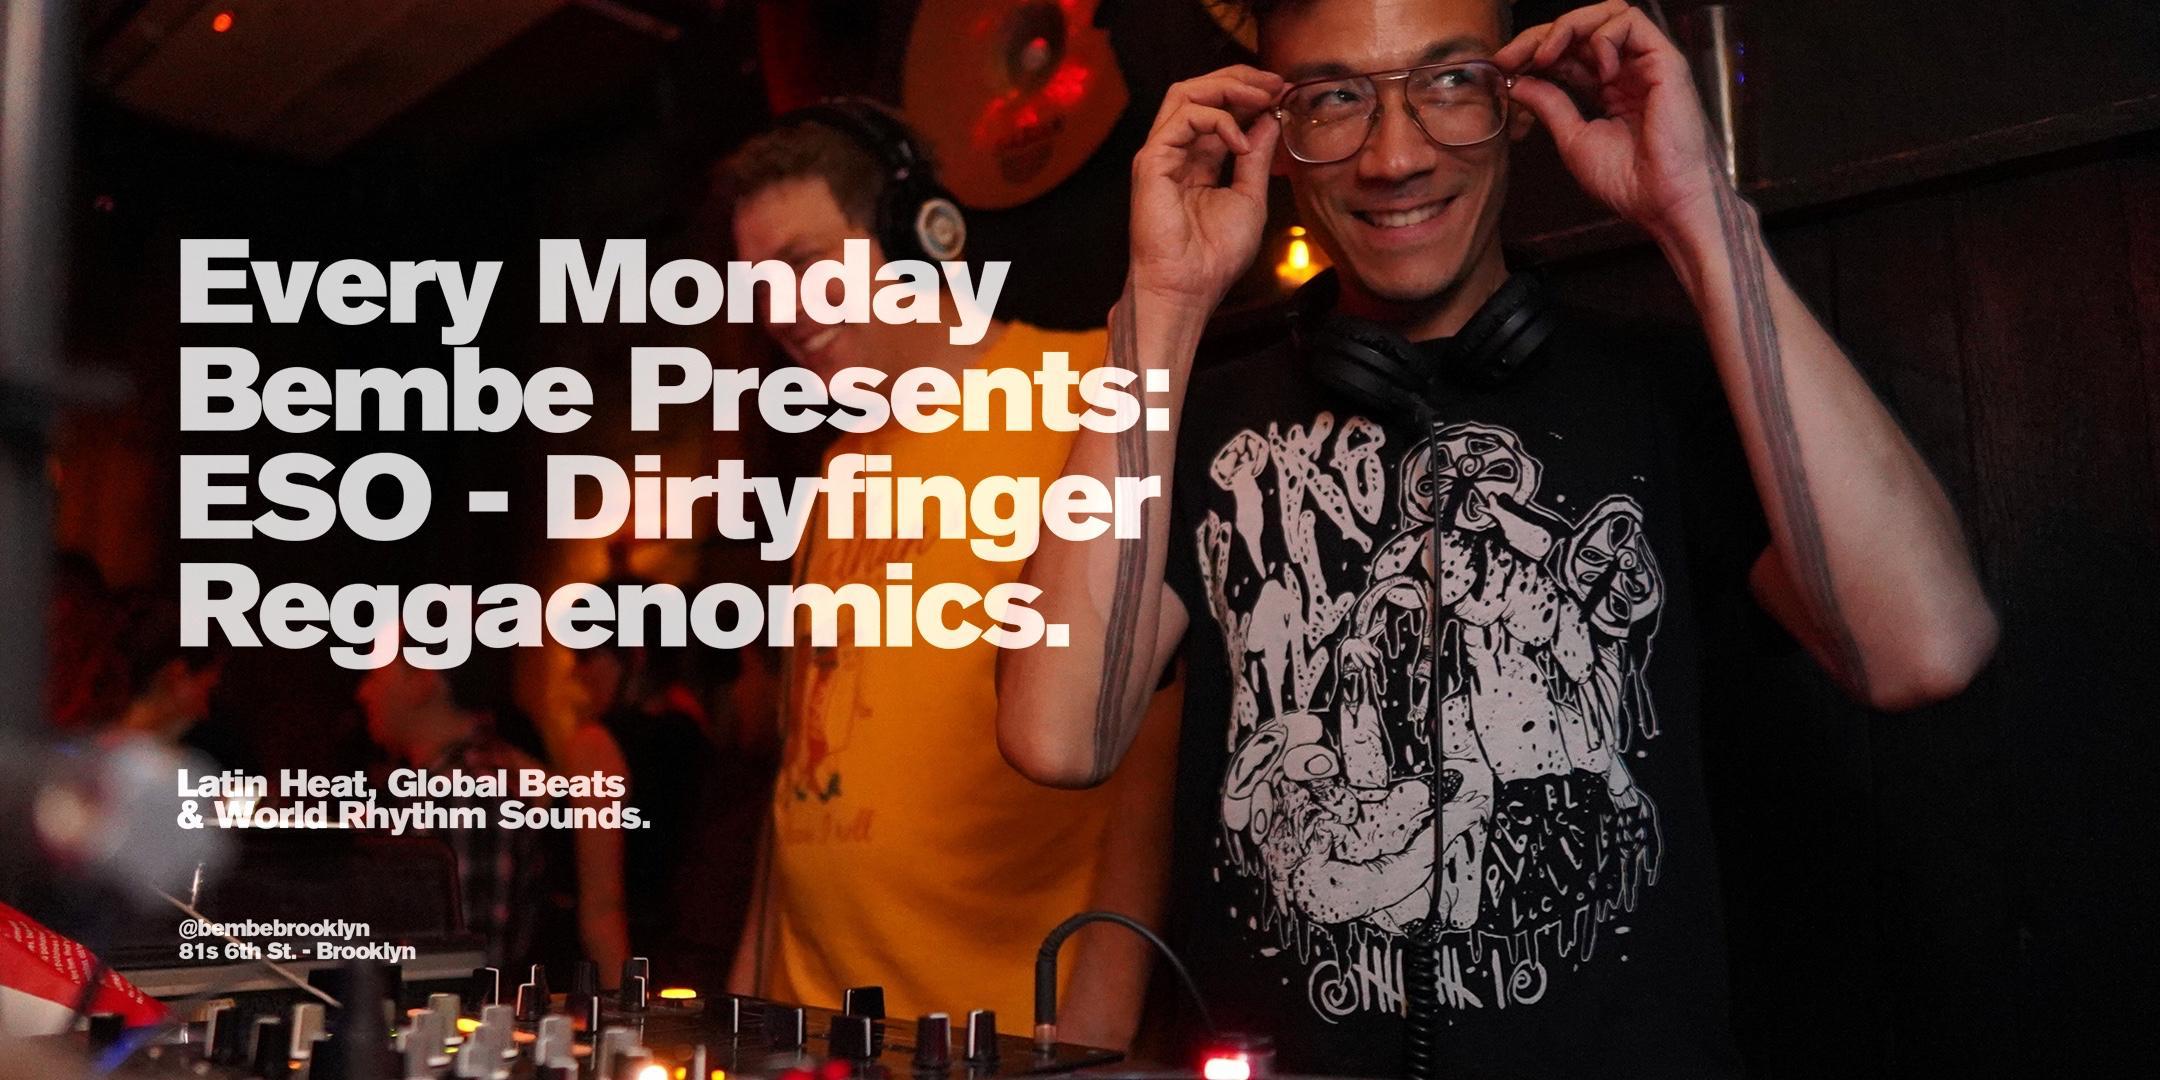 Bembe Presents: ESO Brooklyn w/ Dirtyfinger and Regaenomics